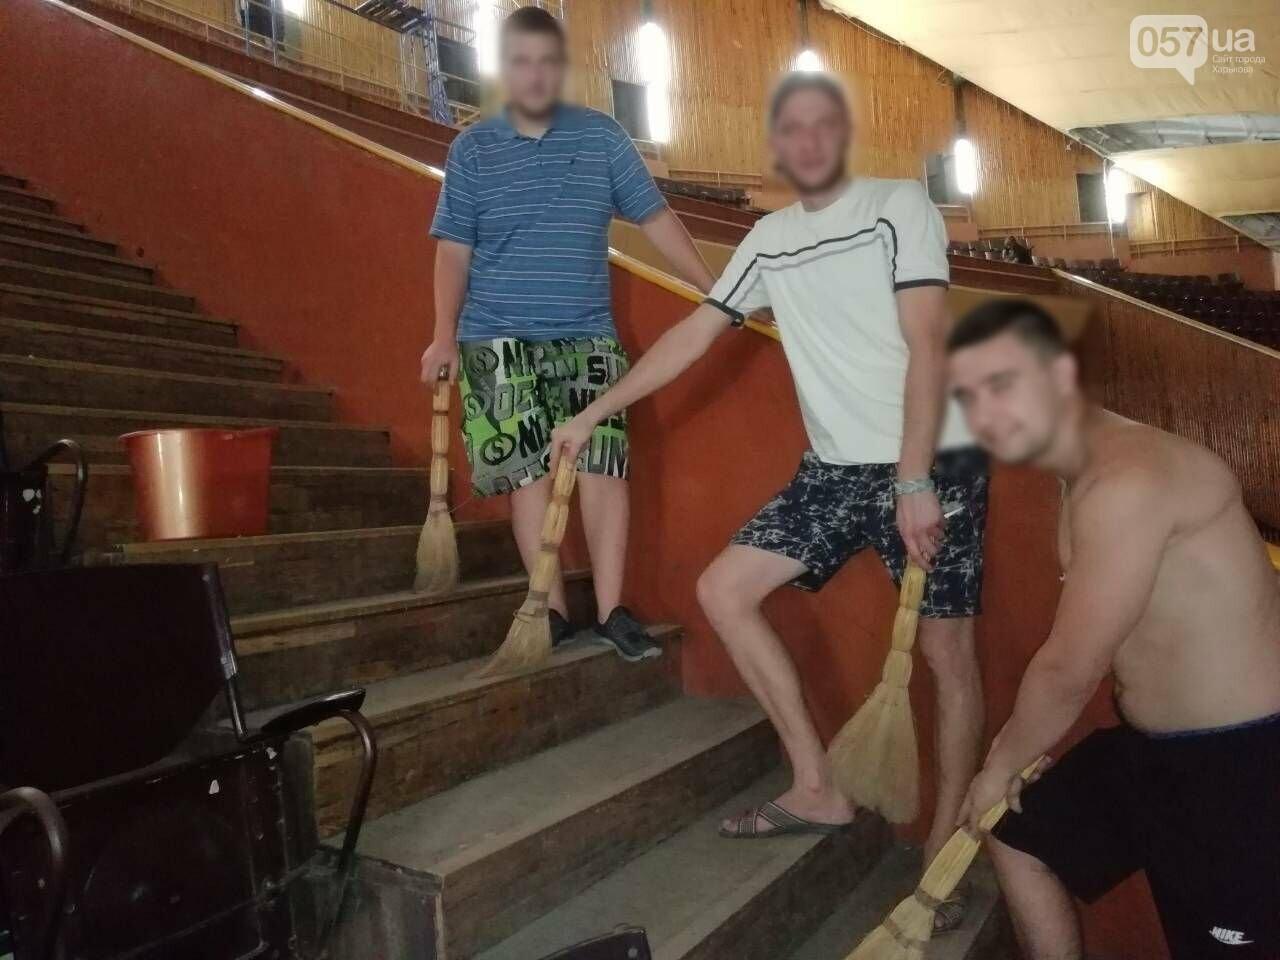 Реабилитационные центры в Харькове, лечение наркомании, лечение алкоголизма, фото-90